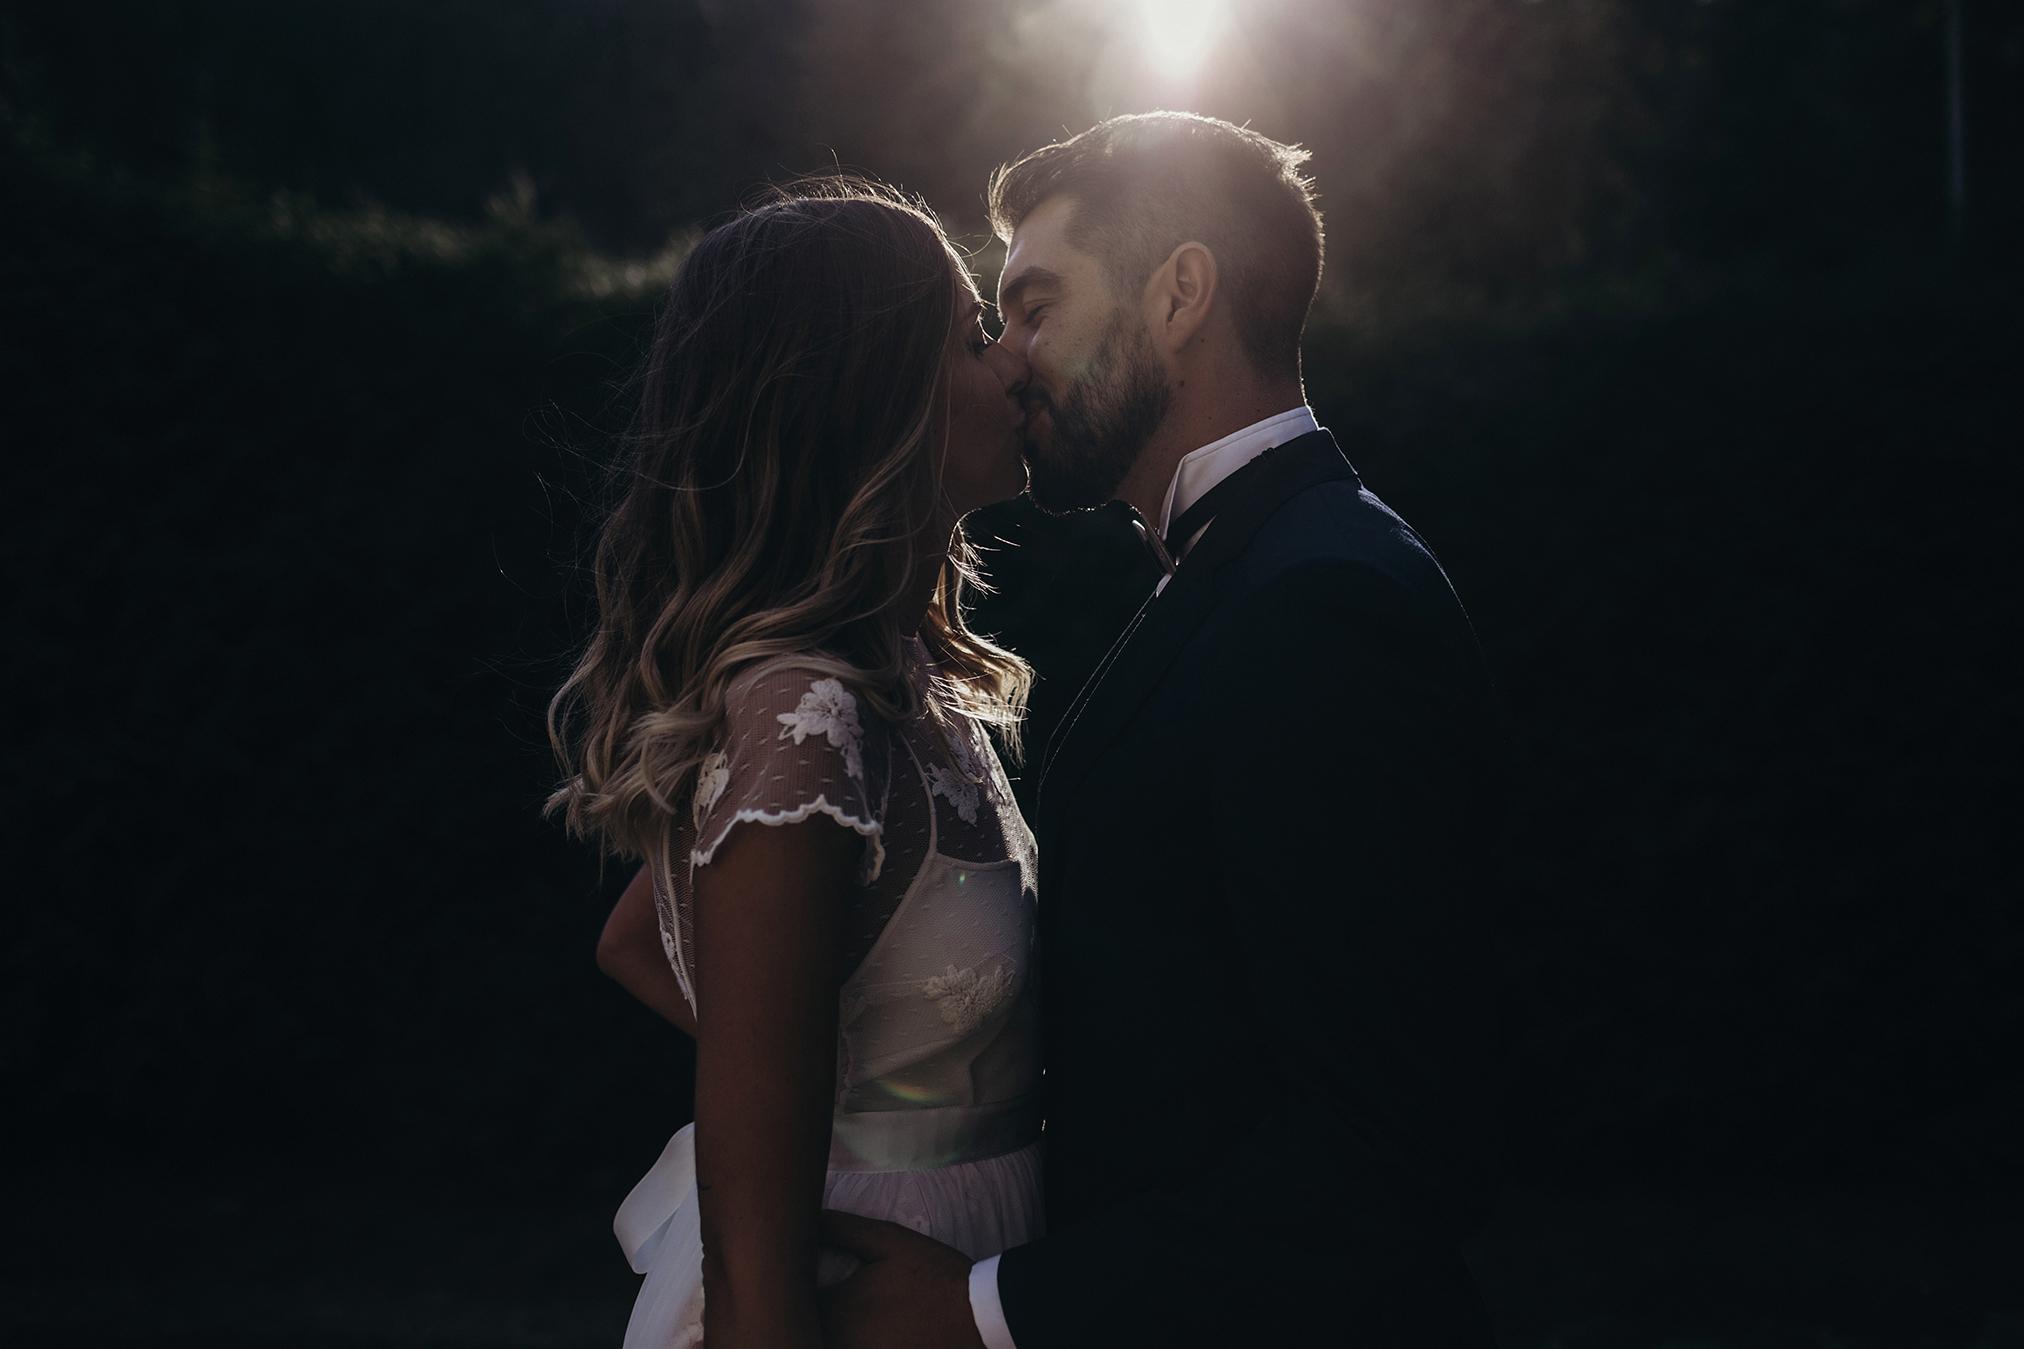 fotografo bodas Galicia Graciela Vilagudin Photography724 copia.jpg